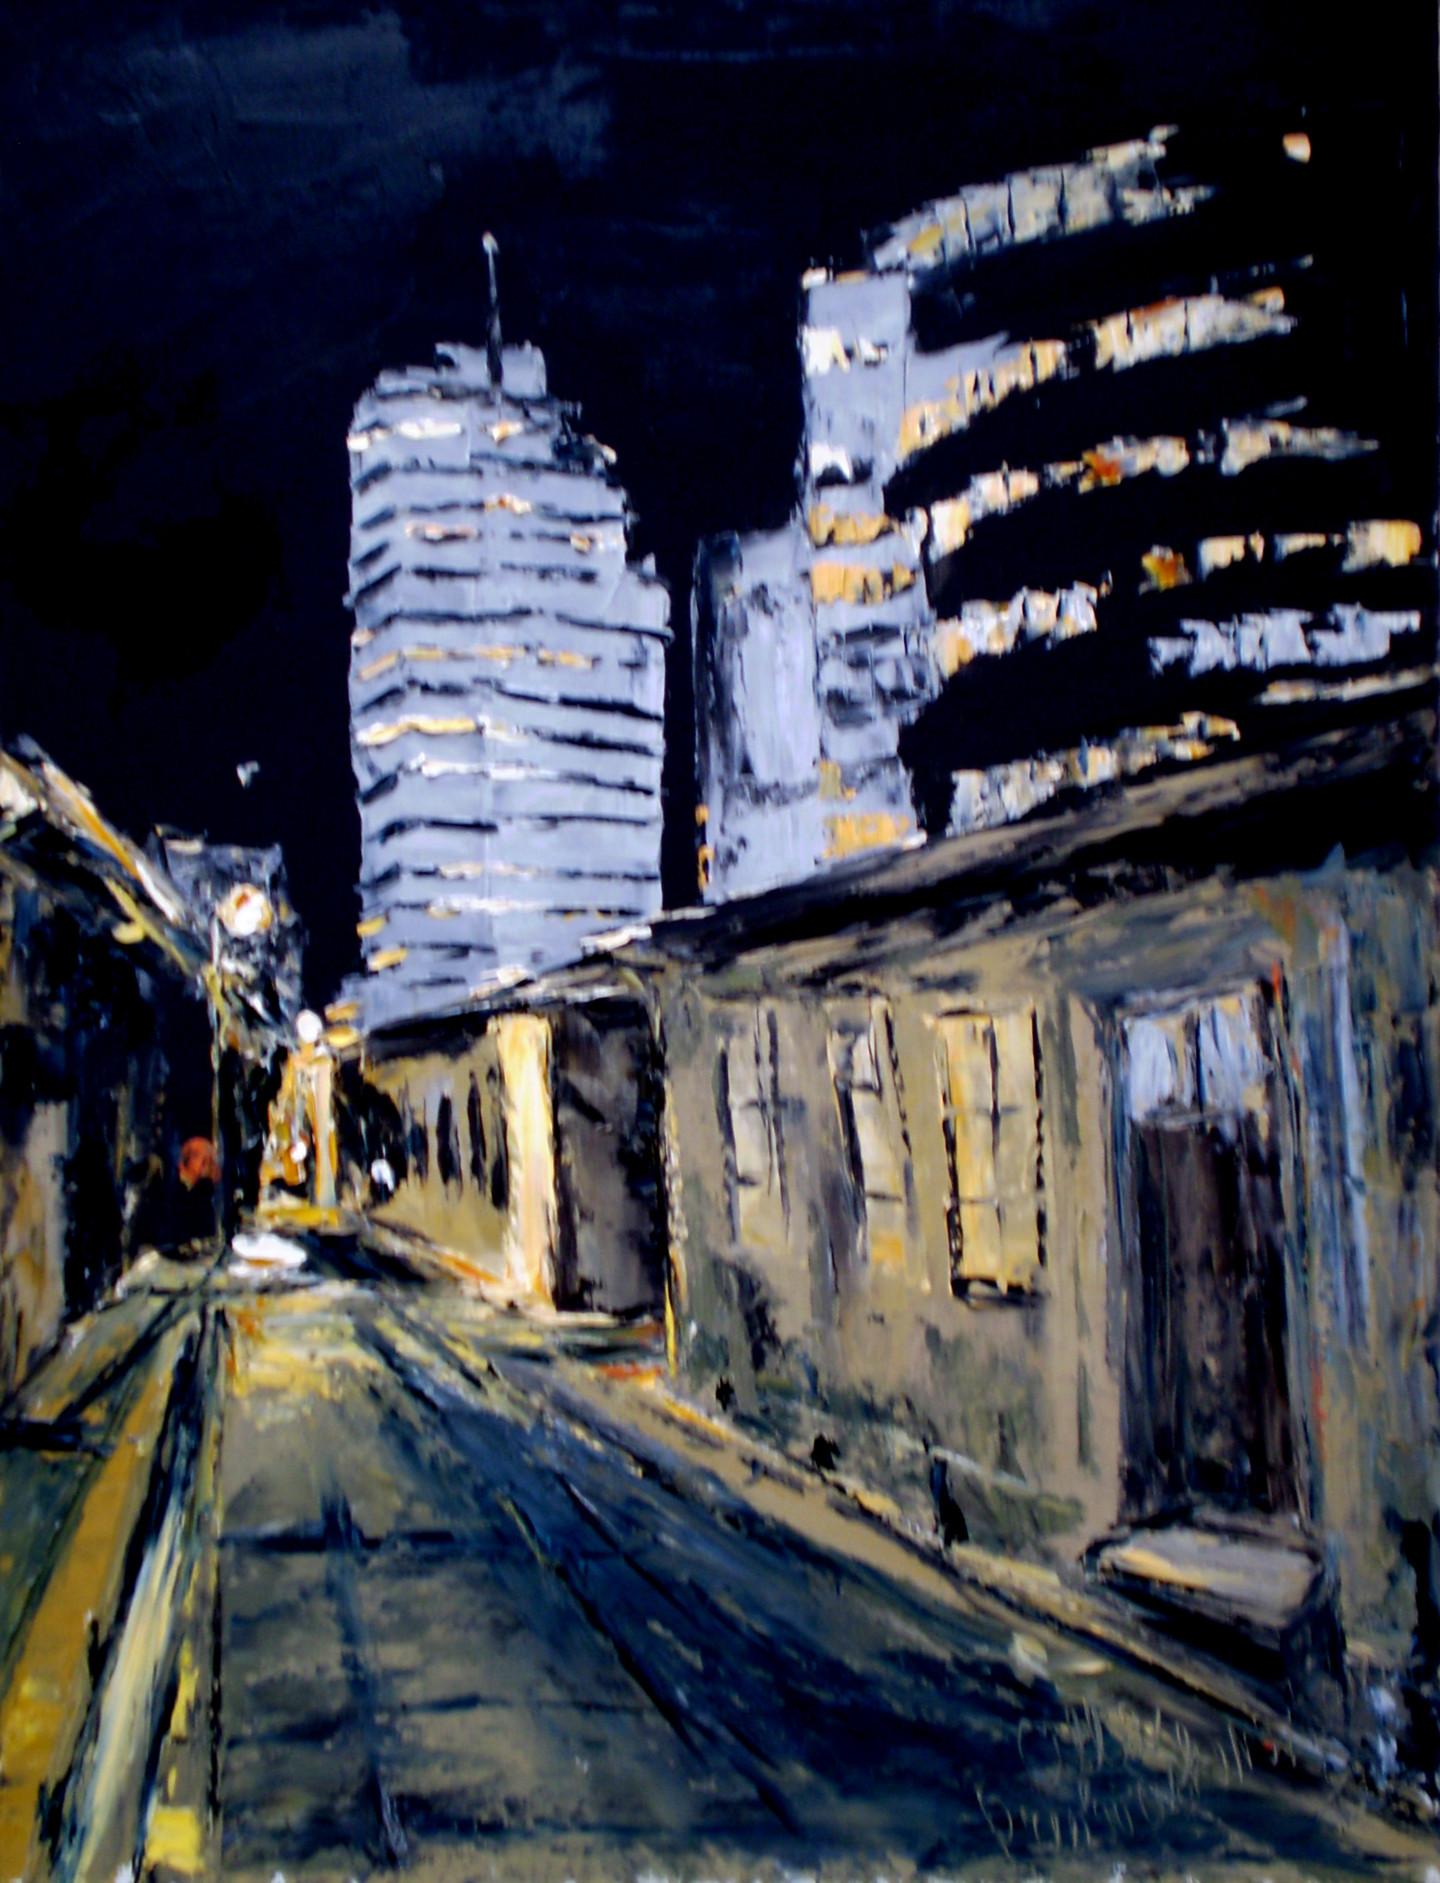 Alla Preobrazhenska-Ronikier - Tel Aviv. Night city